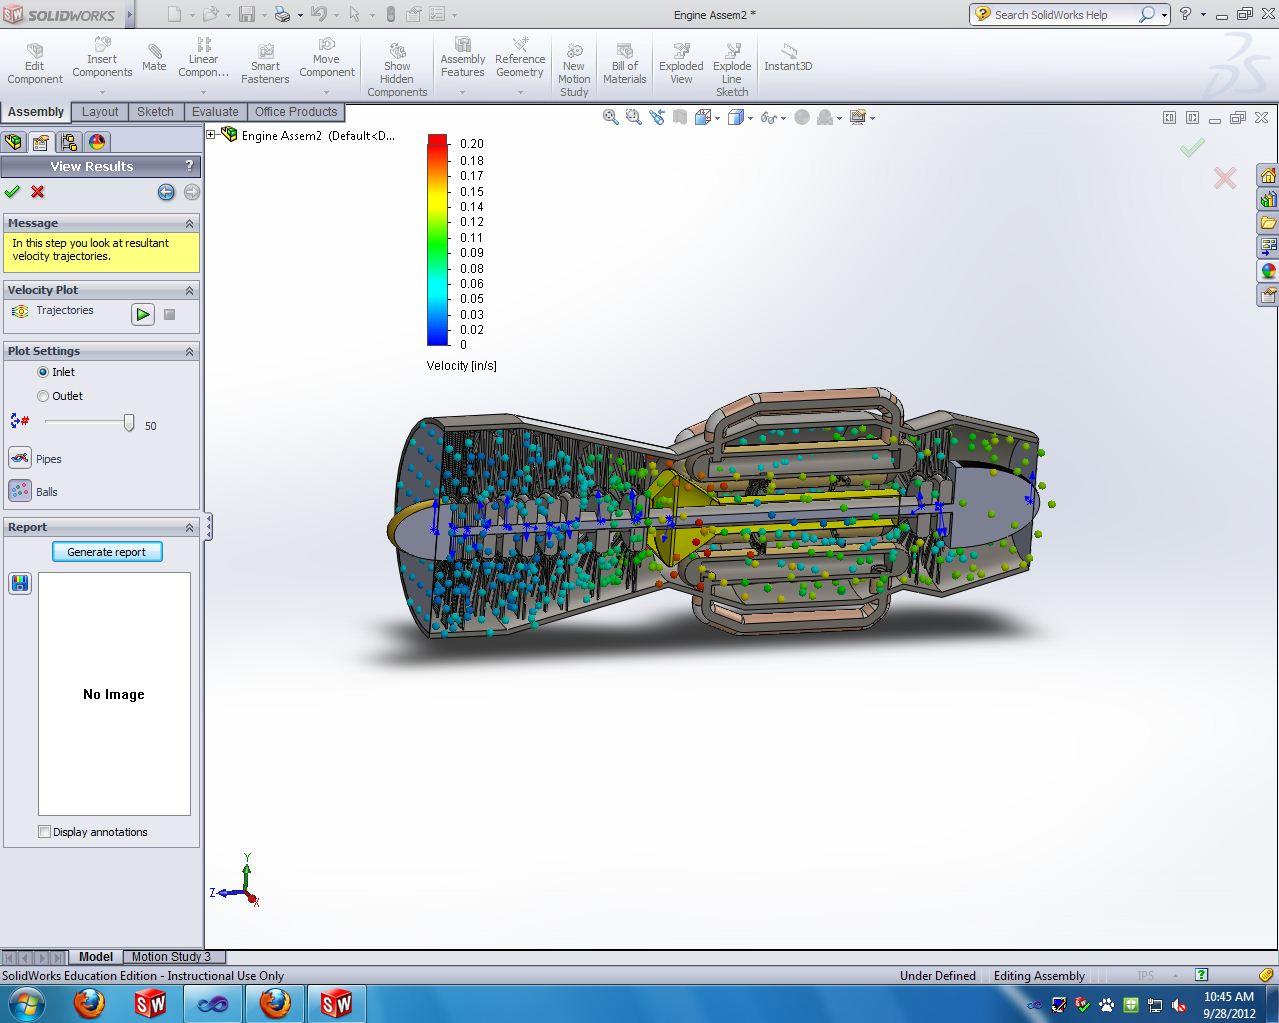 purejet jet engines for model aircraft pdf